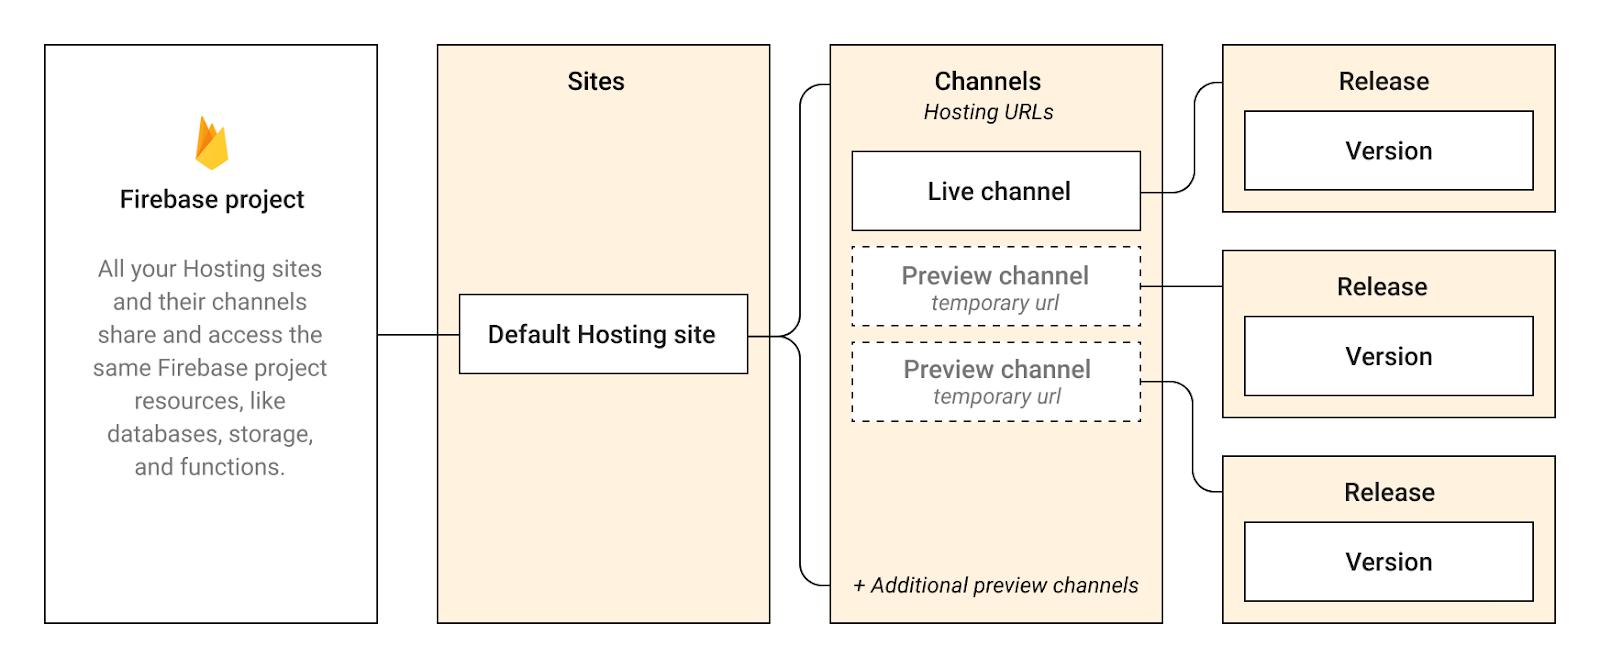 Firebase 托管层次结构的图像